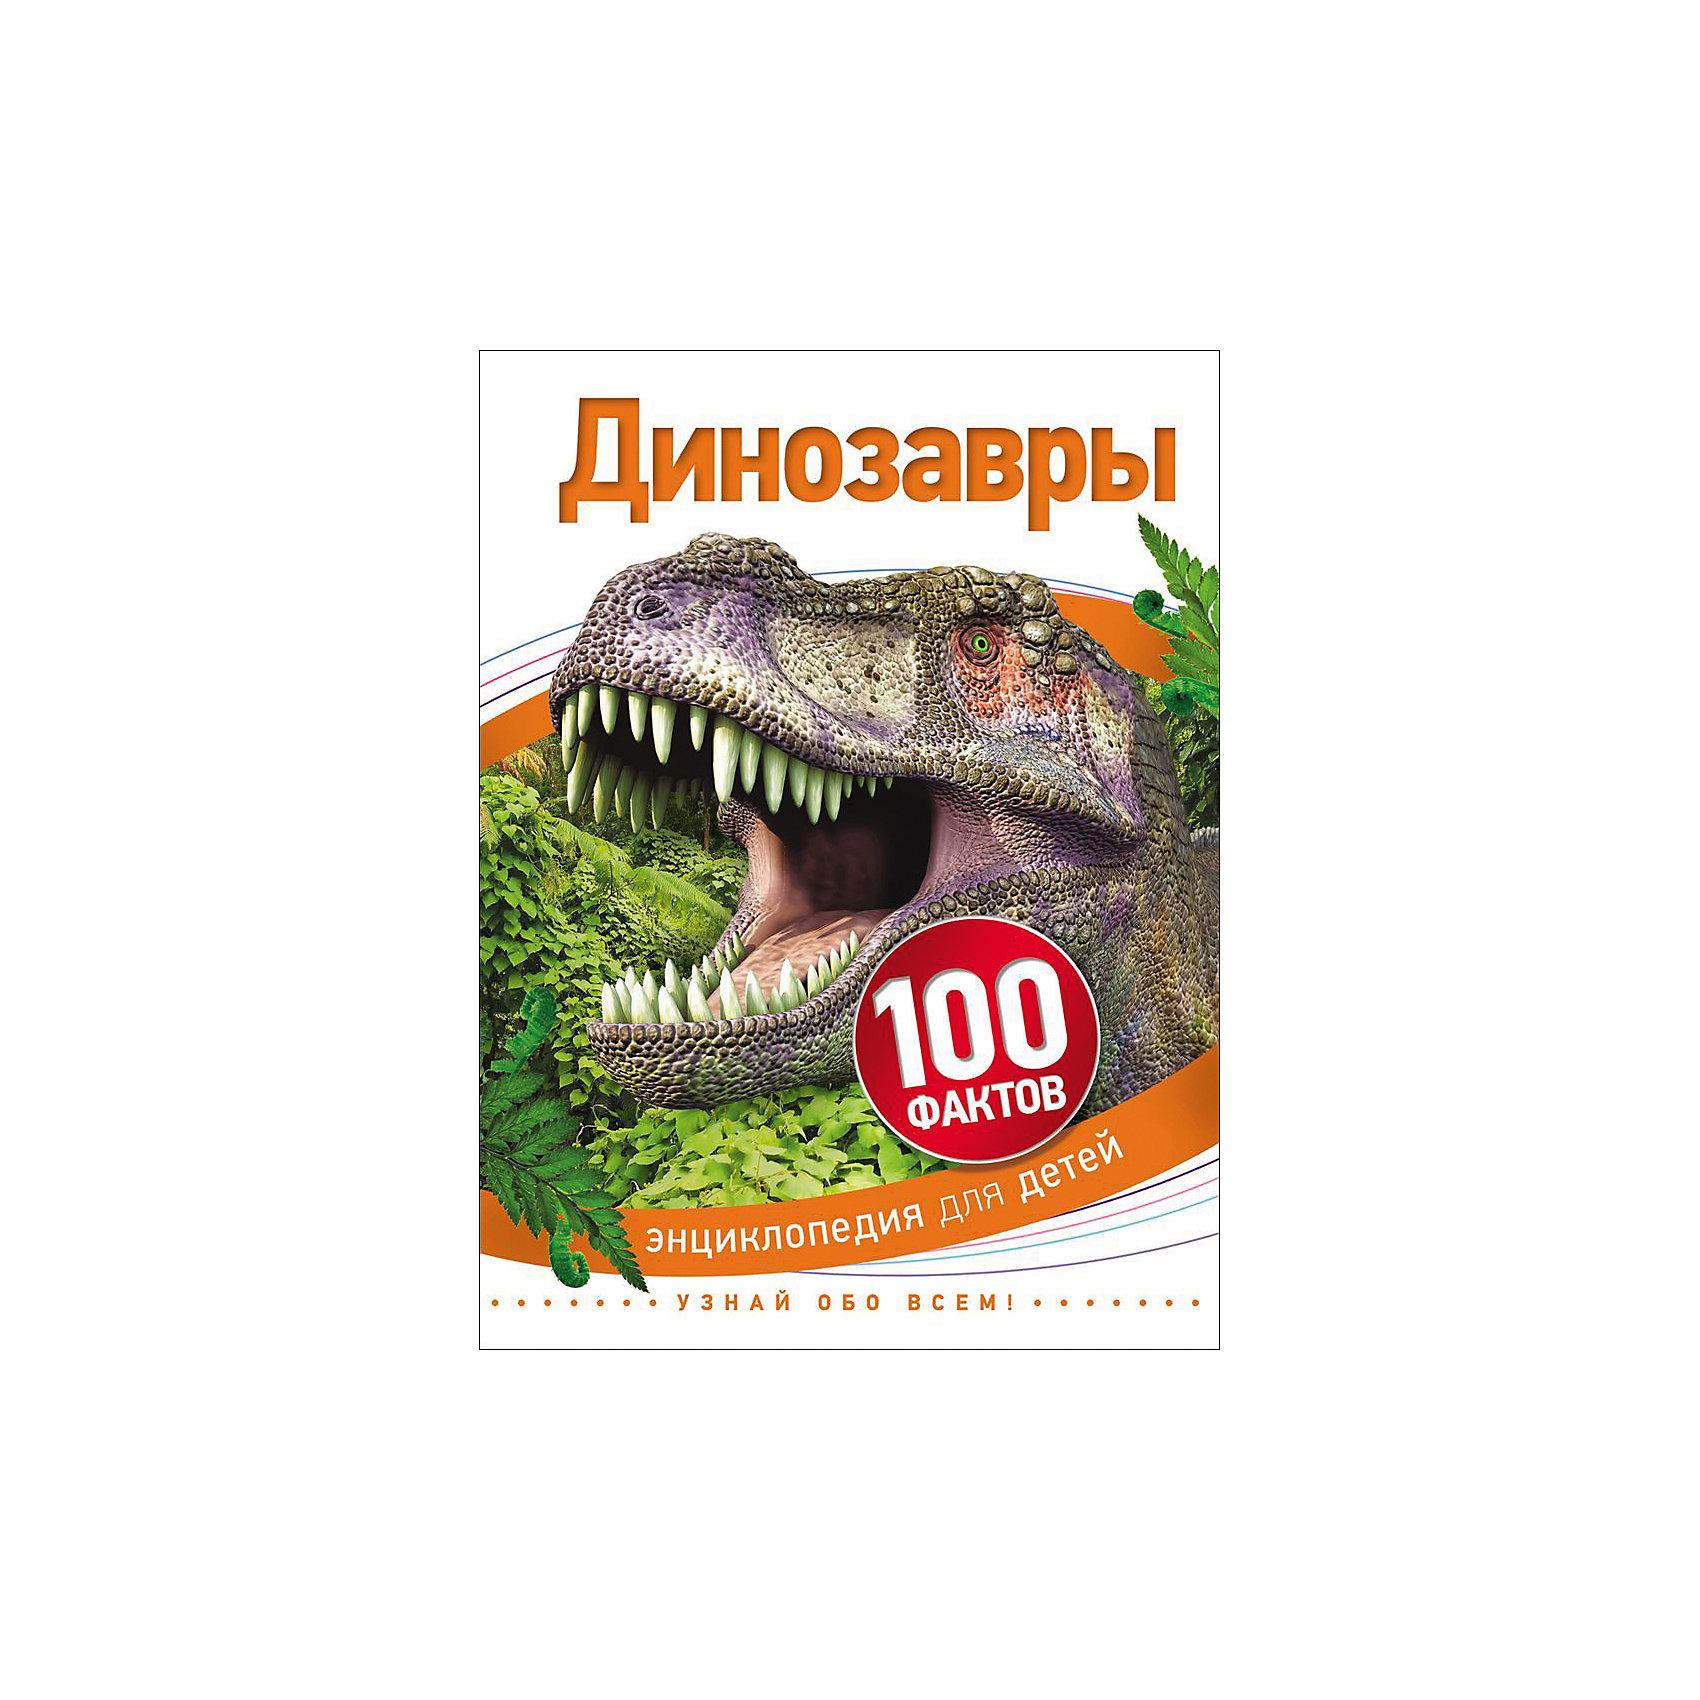 Динозавры (100 фактов)Динозавры (100 фактов).<br><br>Характеристики:<br><br>- Авторы: Дж. Джонсон, Э. Кей, С. Паркер<br>- Перевод с английского: И. Н. Чаромская<br>- Издательство: Росмэн<br>- Серия: 100 фактов<br>- Тип обложки: твердый переплет<br>- Иллюстрации: цветные<br>- Количество страниц: 48<br>- Размер: 222 х 168 x 7 мм.<br>- Вес: 202 гр.<br><br>Энциклопедия для детей «Динозавры» - это путеводитель по жизни динозавров. Юный читатель узнает: чем платеозавр отличался от риохазавра, а аллозавр от эуоплоцефала; какие части тела динозавров сохраняются в виде окаменелостей; где обнаружены самые интересные окаменелости и что они говорят ученым о динозаврах, а также много другой познавательной информации. Увлекательная информация о размерах, внешнем виде, образе жизни, способах выживания, охотничьем мастерстве, маскировке, размножении, органах чувств и повадках доисторических животных, властвовавших на Земле почти 150 млн лет назад, изложена в 100 удивительных фактах, проиллюстрированных красочными рисунками.<br><br>Энциклопедию для детей Динозавры (100 фактов) можно купить в нашем интернет-магазине.<br><br>Ширина мм: 222<br>Глубина мм: 168<br>Высота мм: 7<br>Вес г: 202<br>Возраст от месяцев: 60<br>Возраст до месяцев: 84<br>Пол: Унисекс<br>Возраст: Детский<br>SKU: 5109686